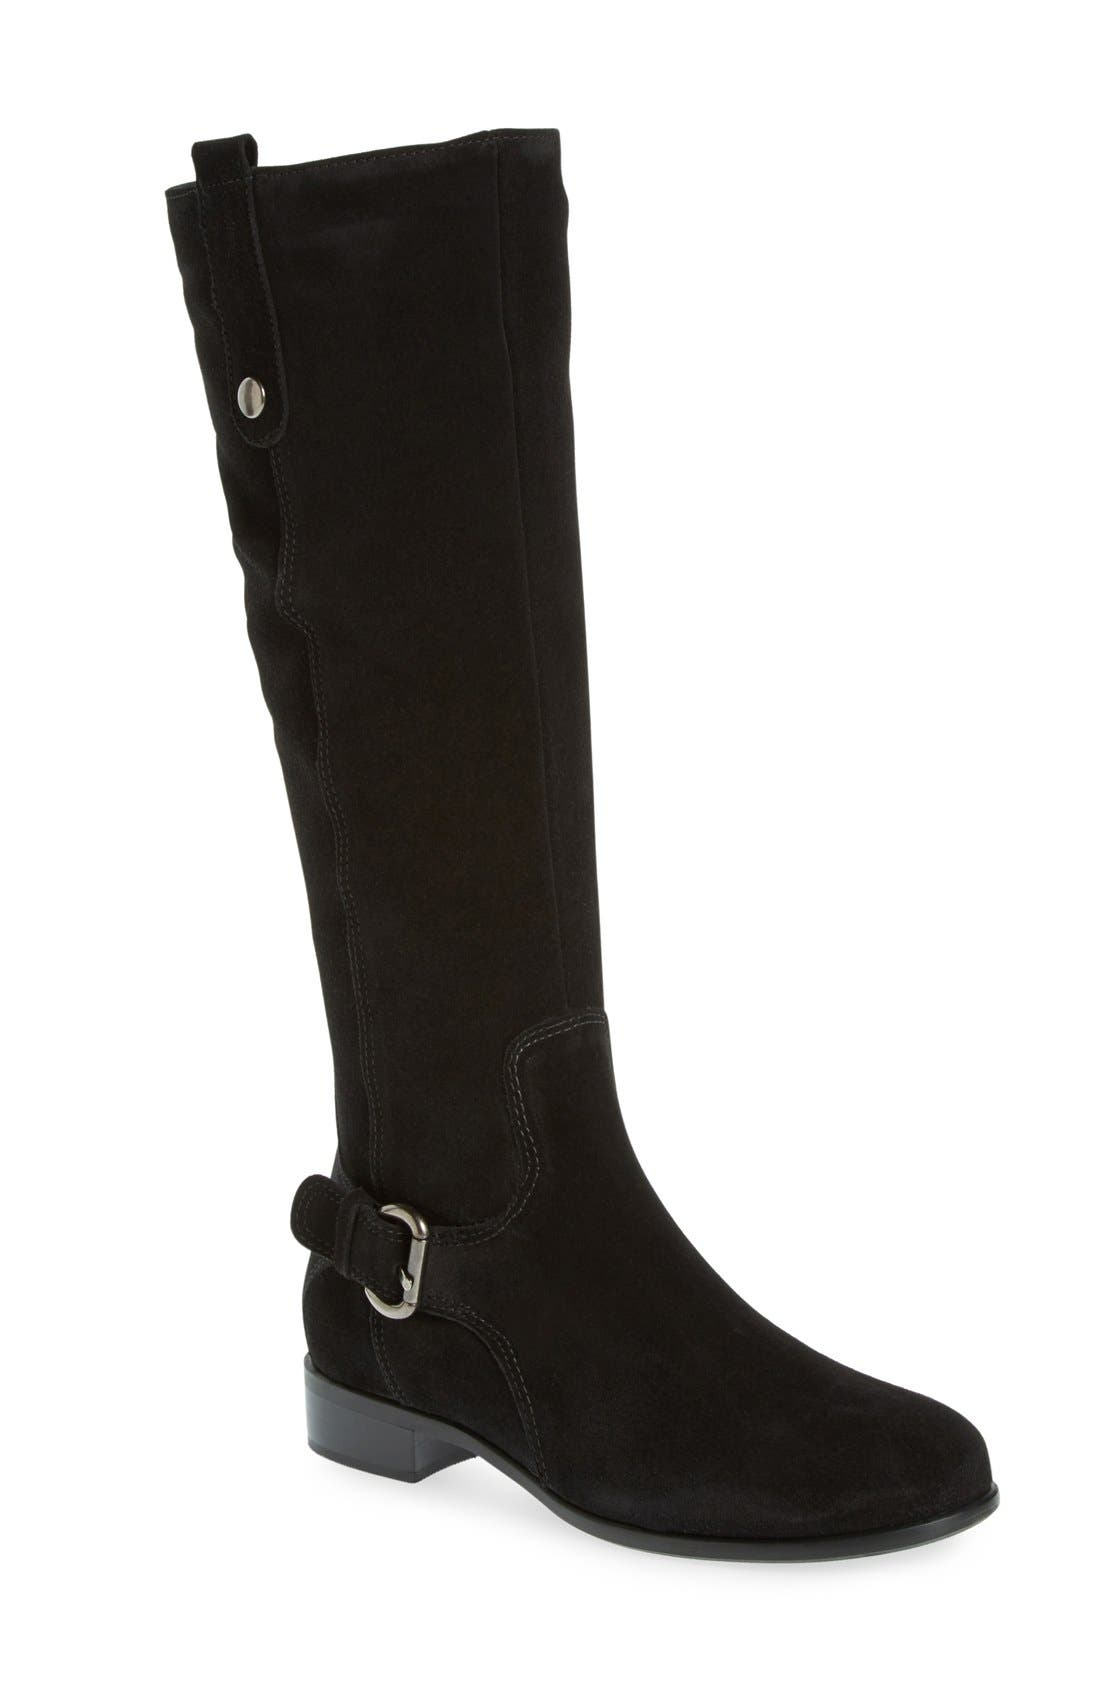 Women's Waterproof Boots, Boots for Women | Nordstrom